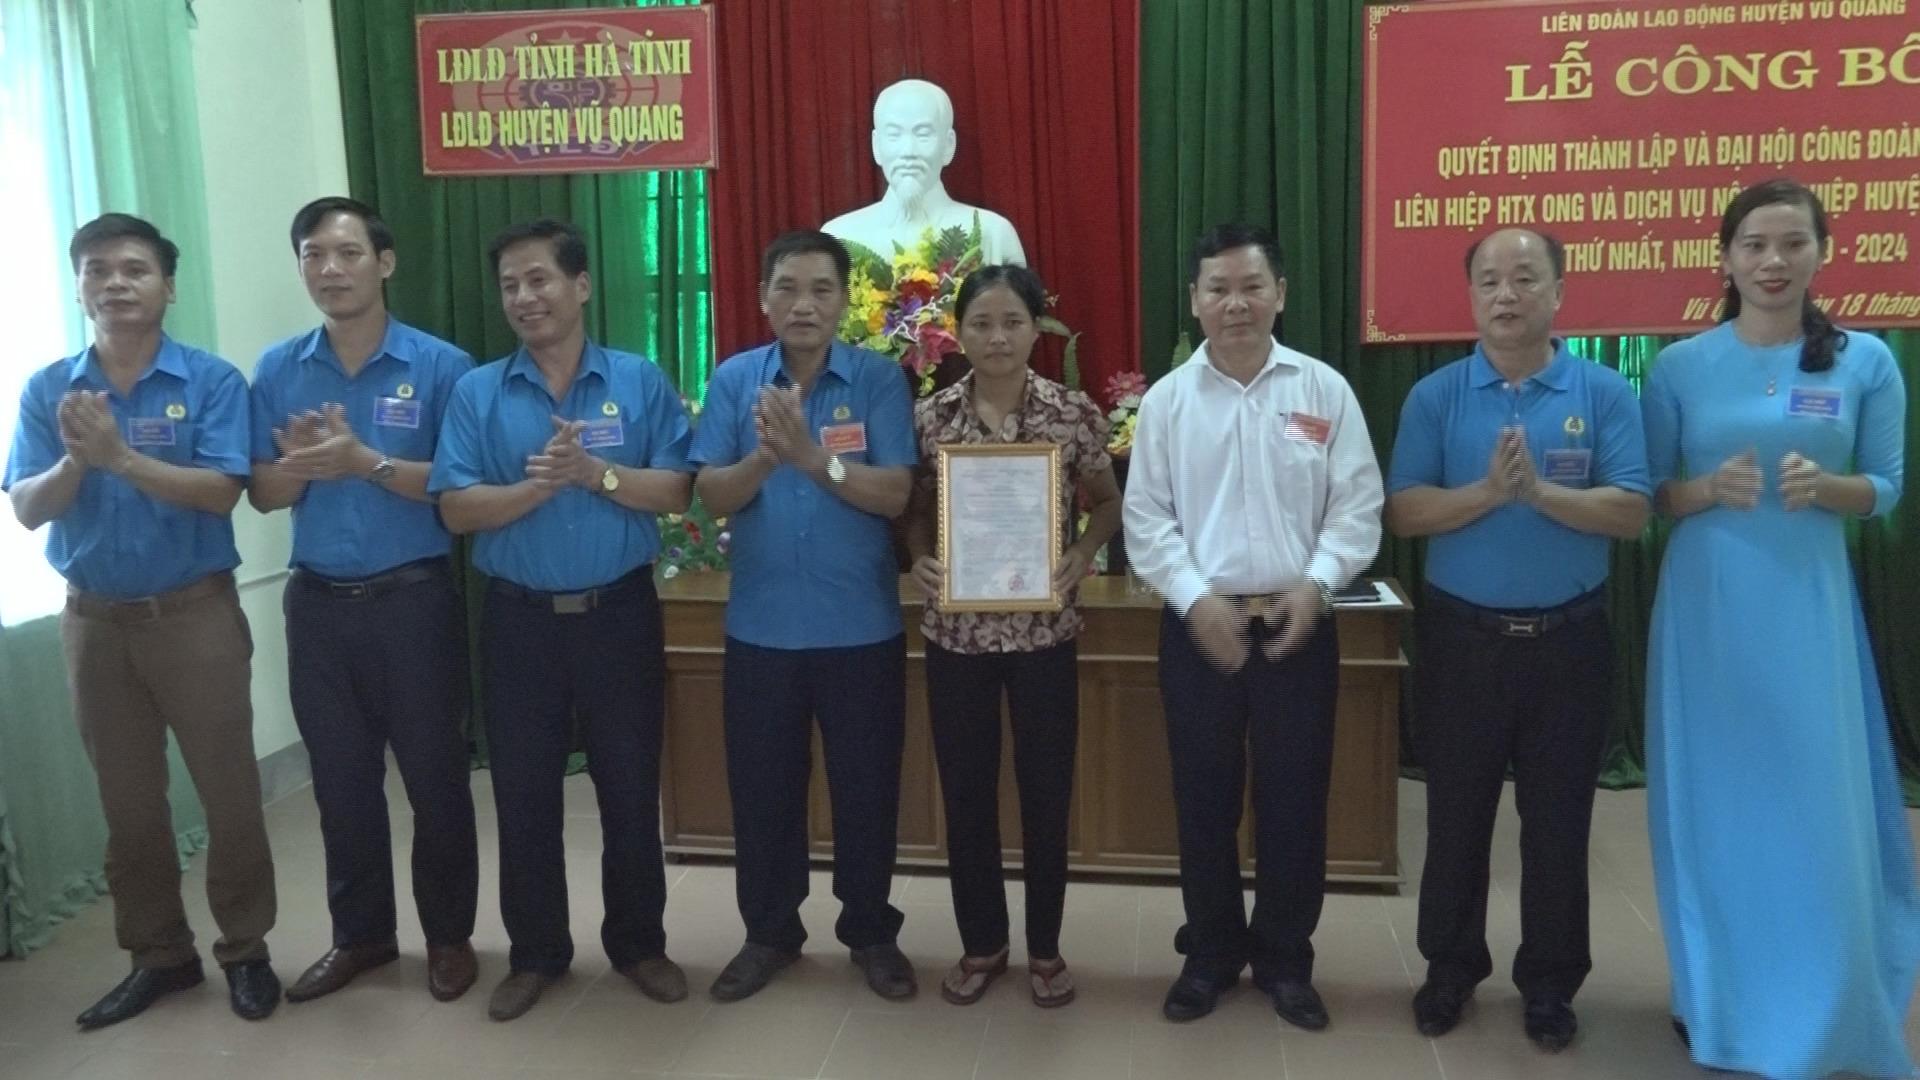 Vũ Quang: Thành lập CĐCS Liên hiệp Hợp tác xã Ong và dịch vụ nông nghiệp